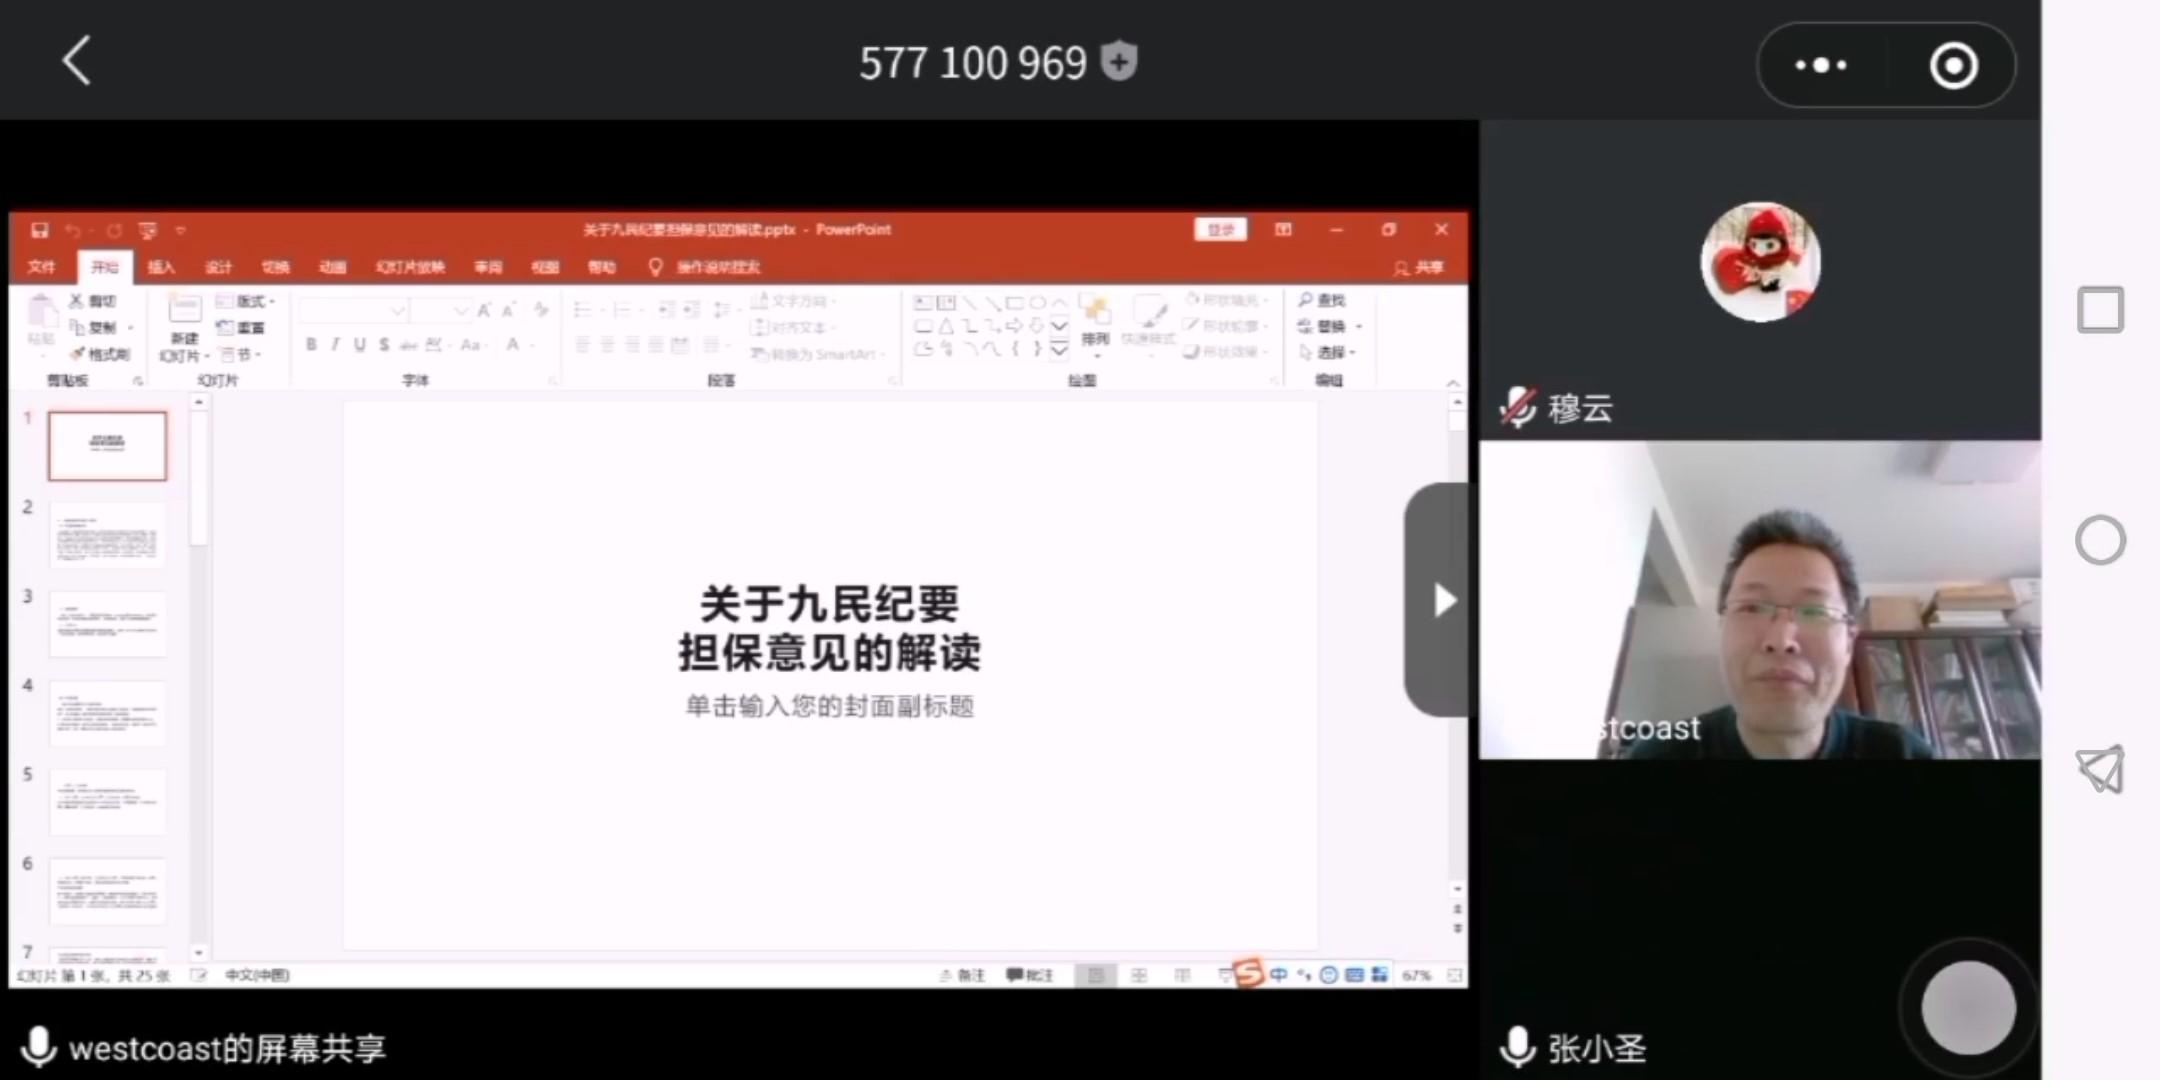 京鲁成功举办第一次网络集中业务学习活动